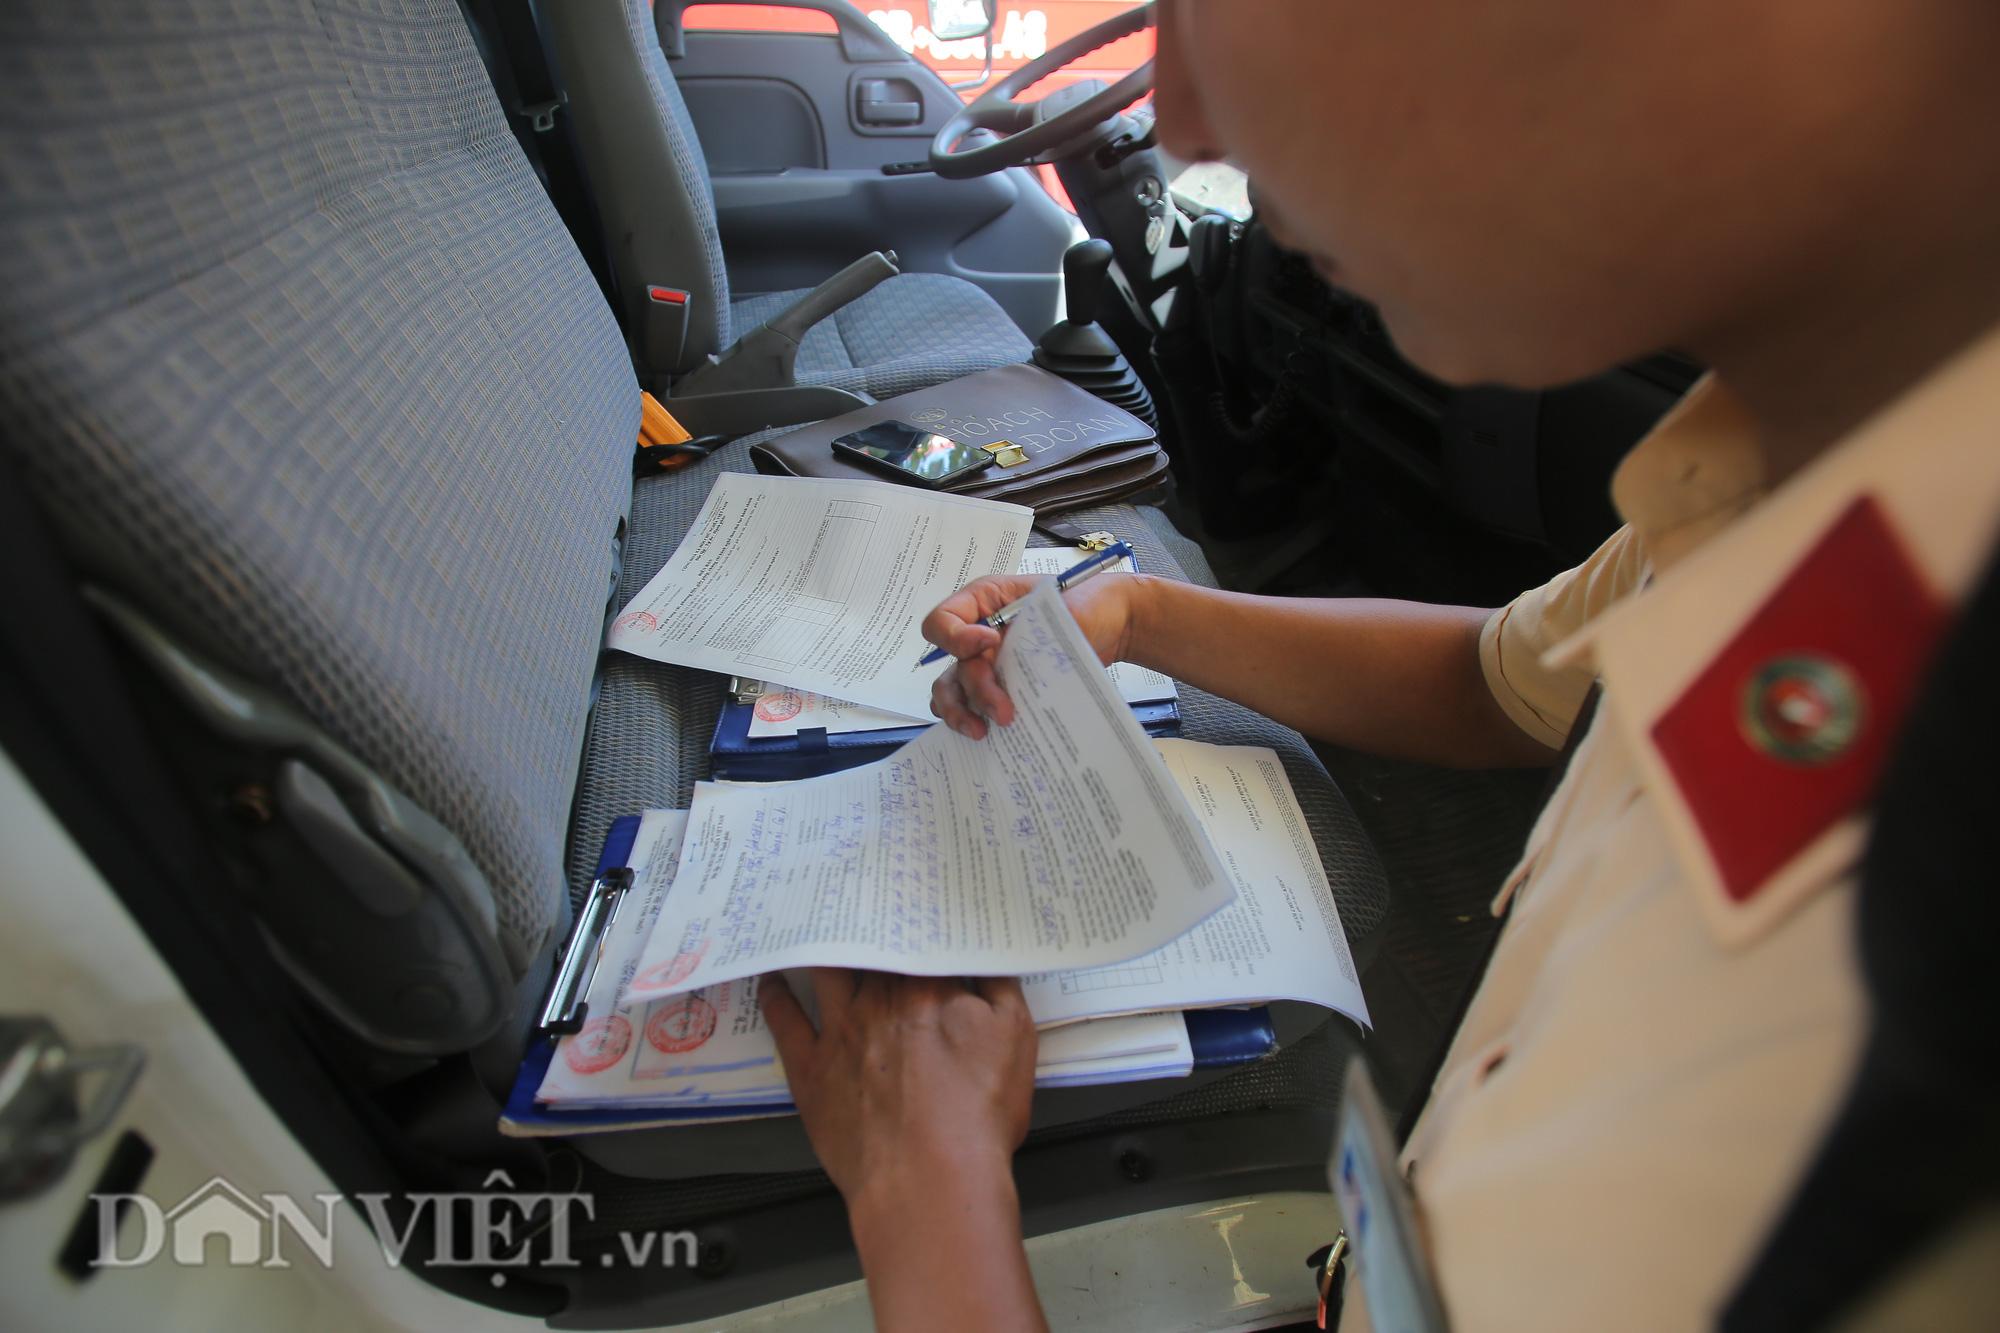 """Hàng loạt xe chạy """"rùa bò"""", bắt khách dọc đường bị CSGT Hà Nội xử lý - Ảnh 7."""